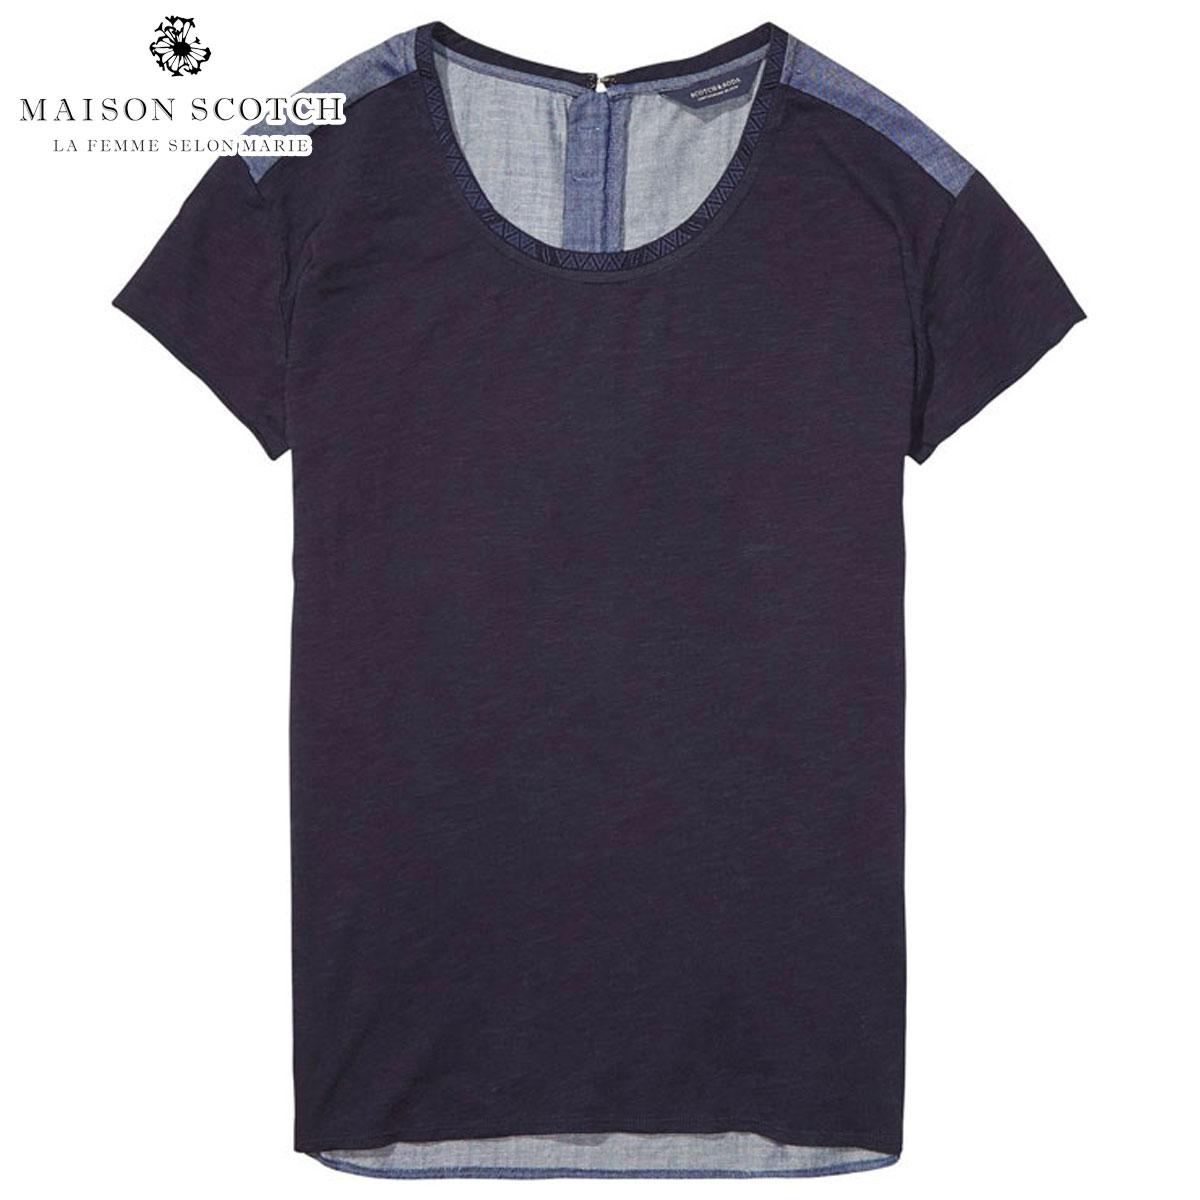 メゾンスコッチ MAISON SCOTCH 正規販売店 レディース 半袖Tシャツ T-SHIRTWITHWOVENBACK 134871 18 COMBO B